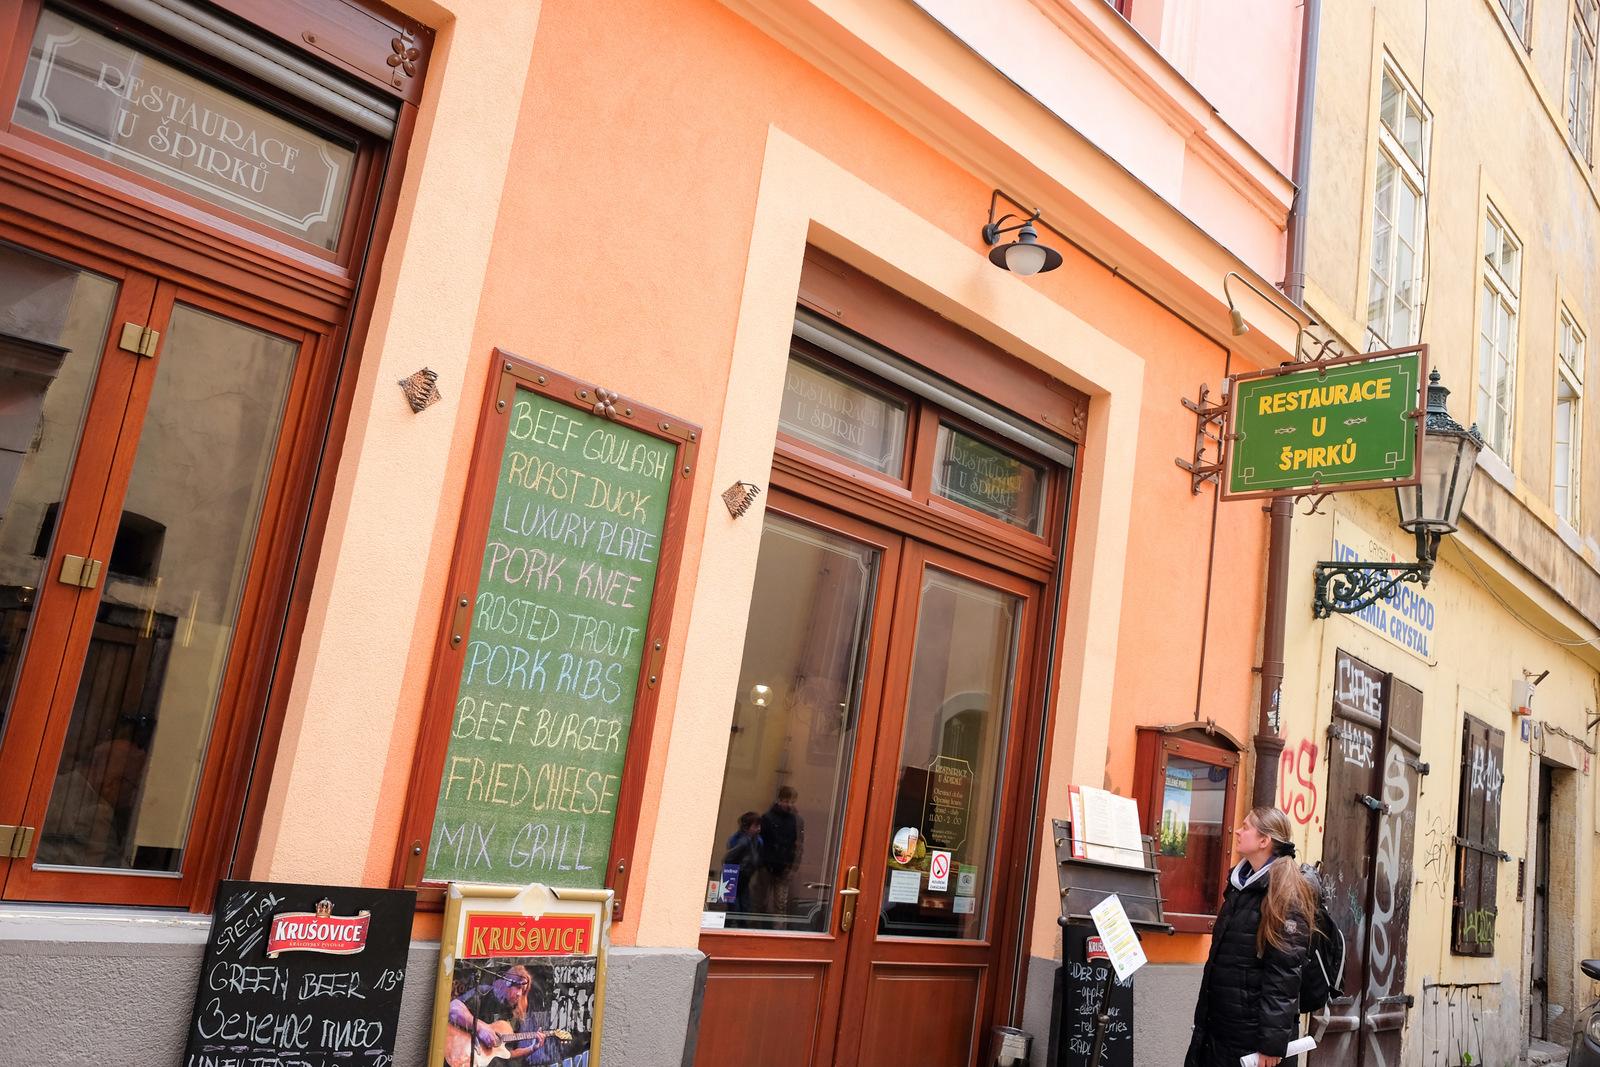 U Spirku, Prague